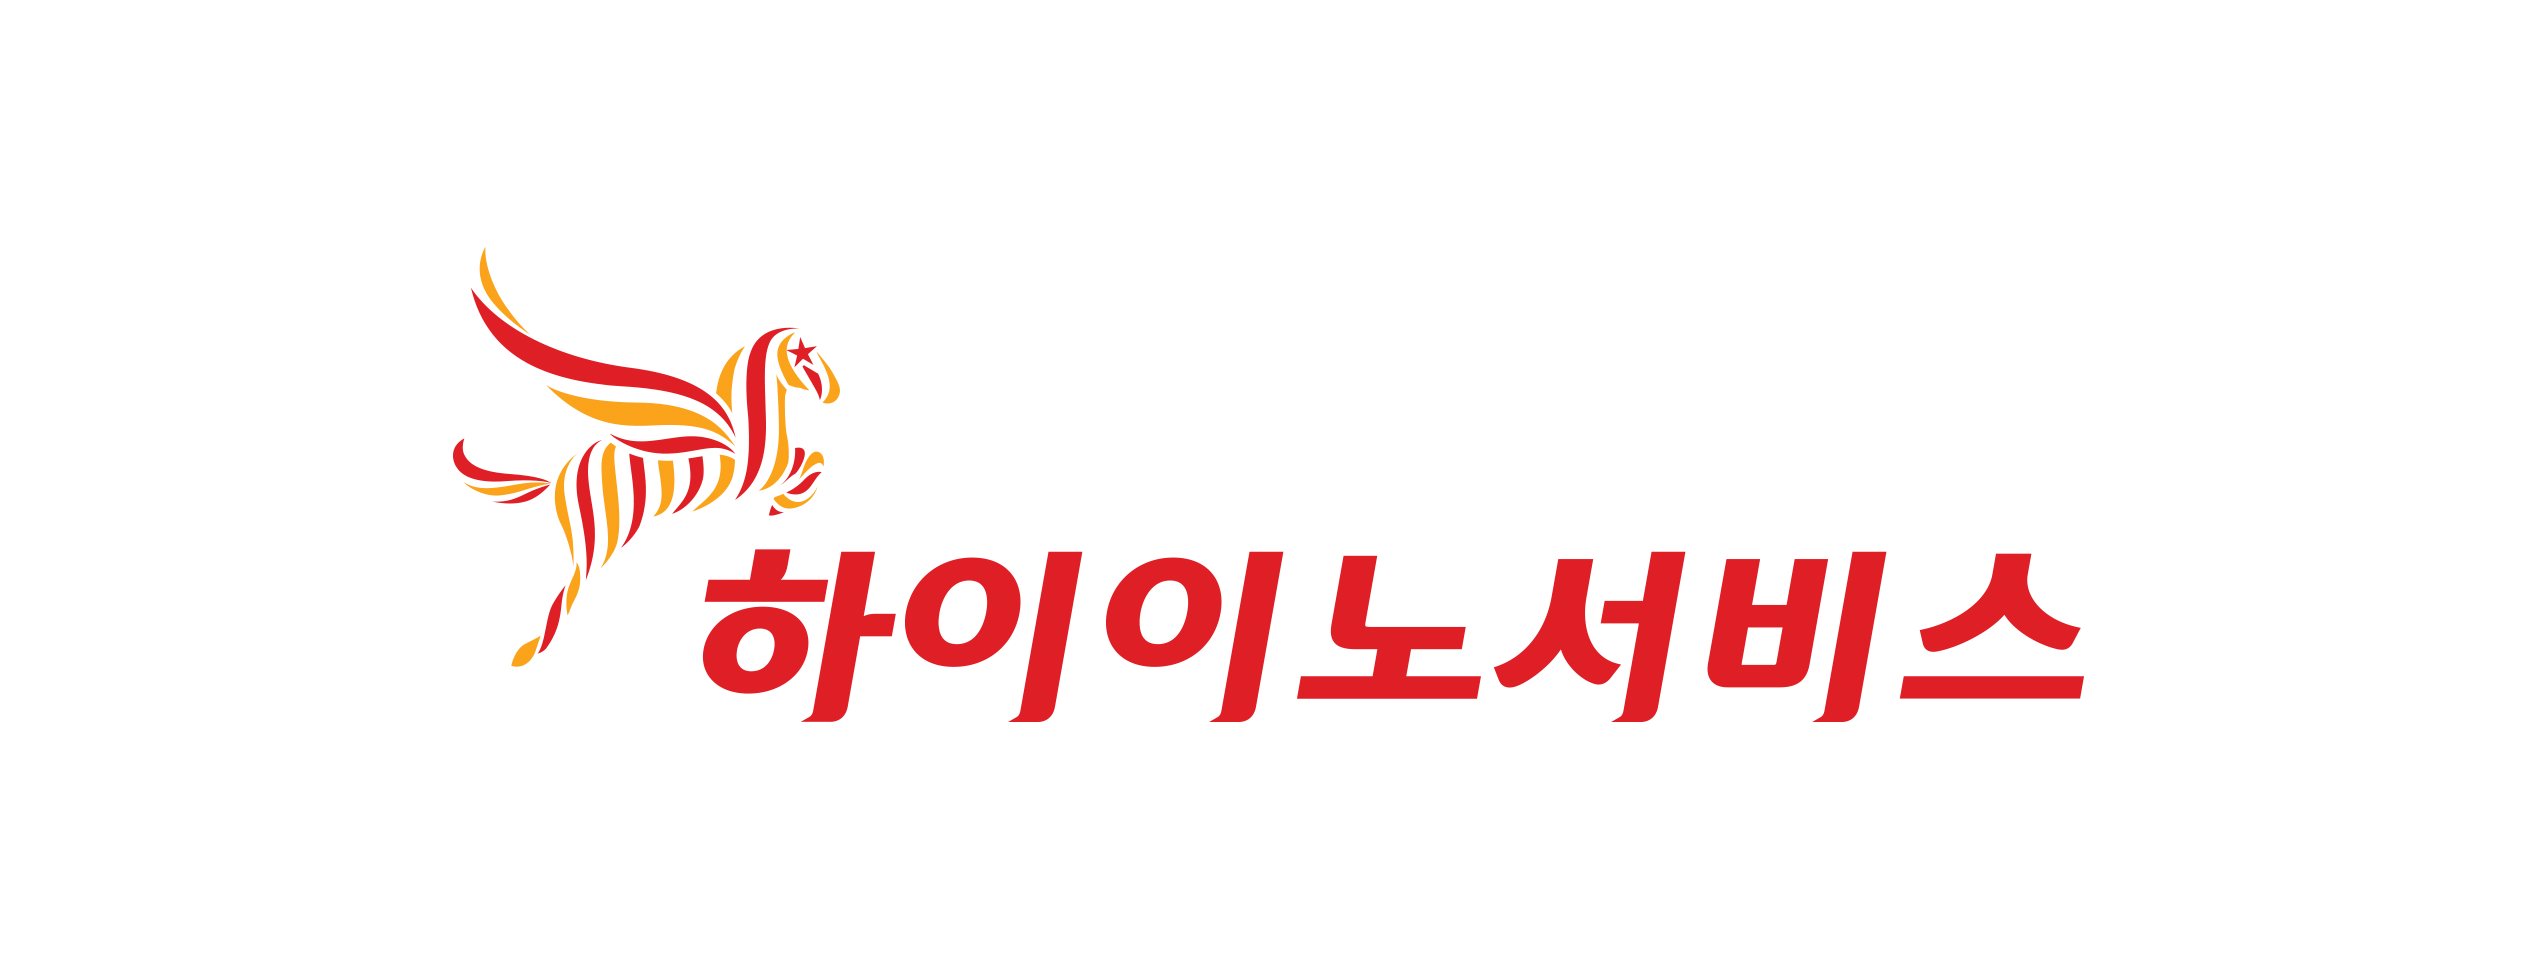 하이이노서비스의 계열사 (주)하이이노서비스의 로고